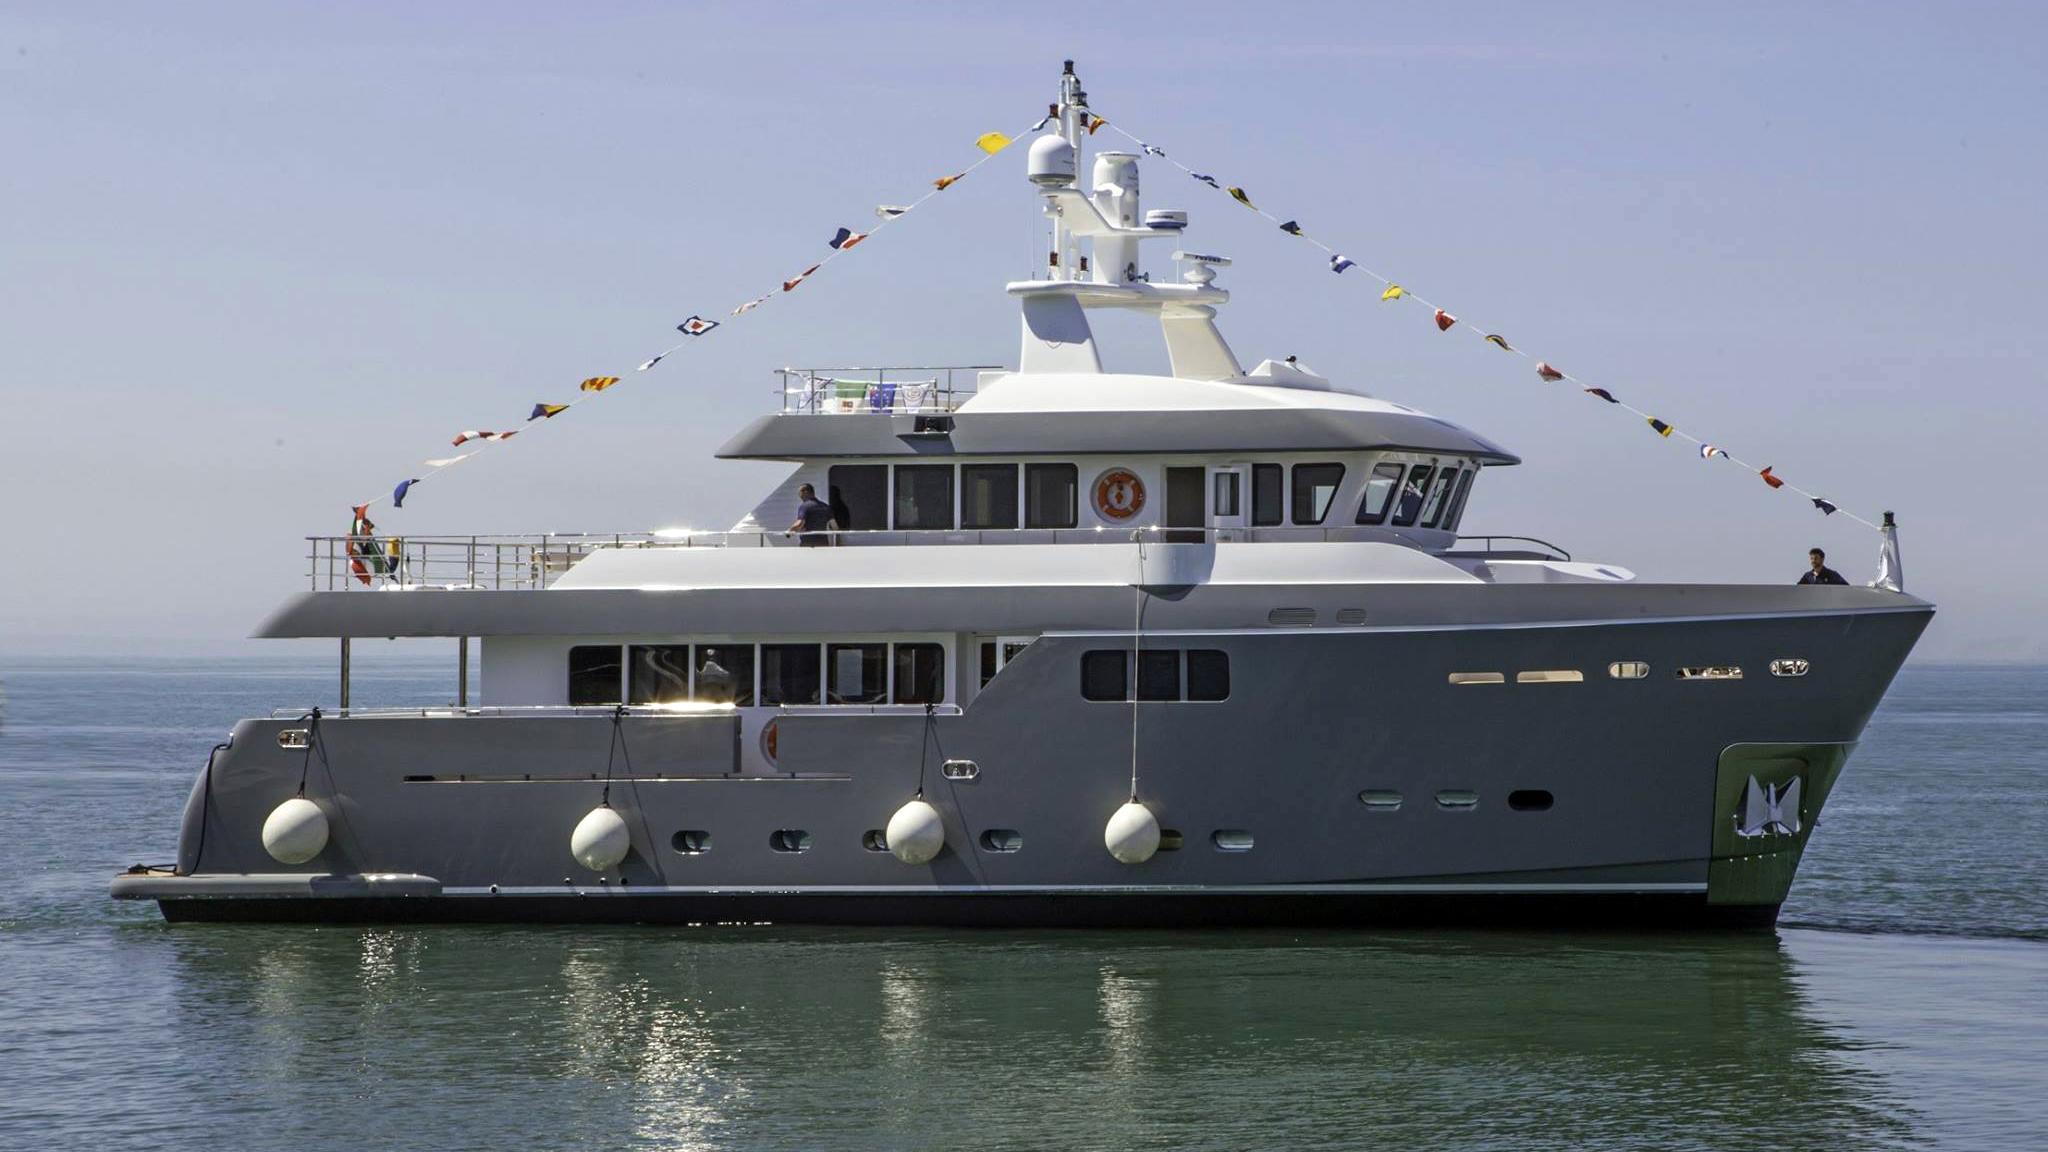 gra-nil-motor-yacht-cantiere-delle-marche-darwin-86-2014-26m-profile